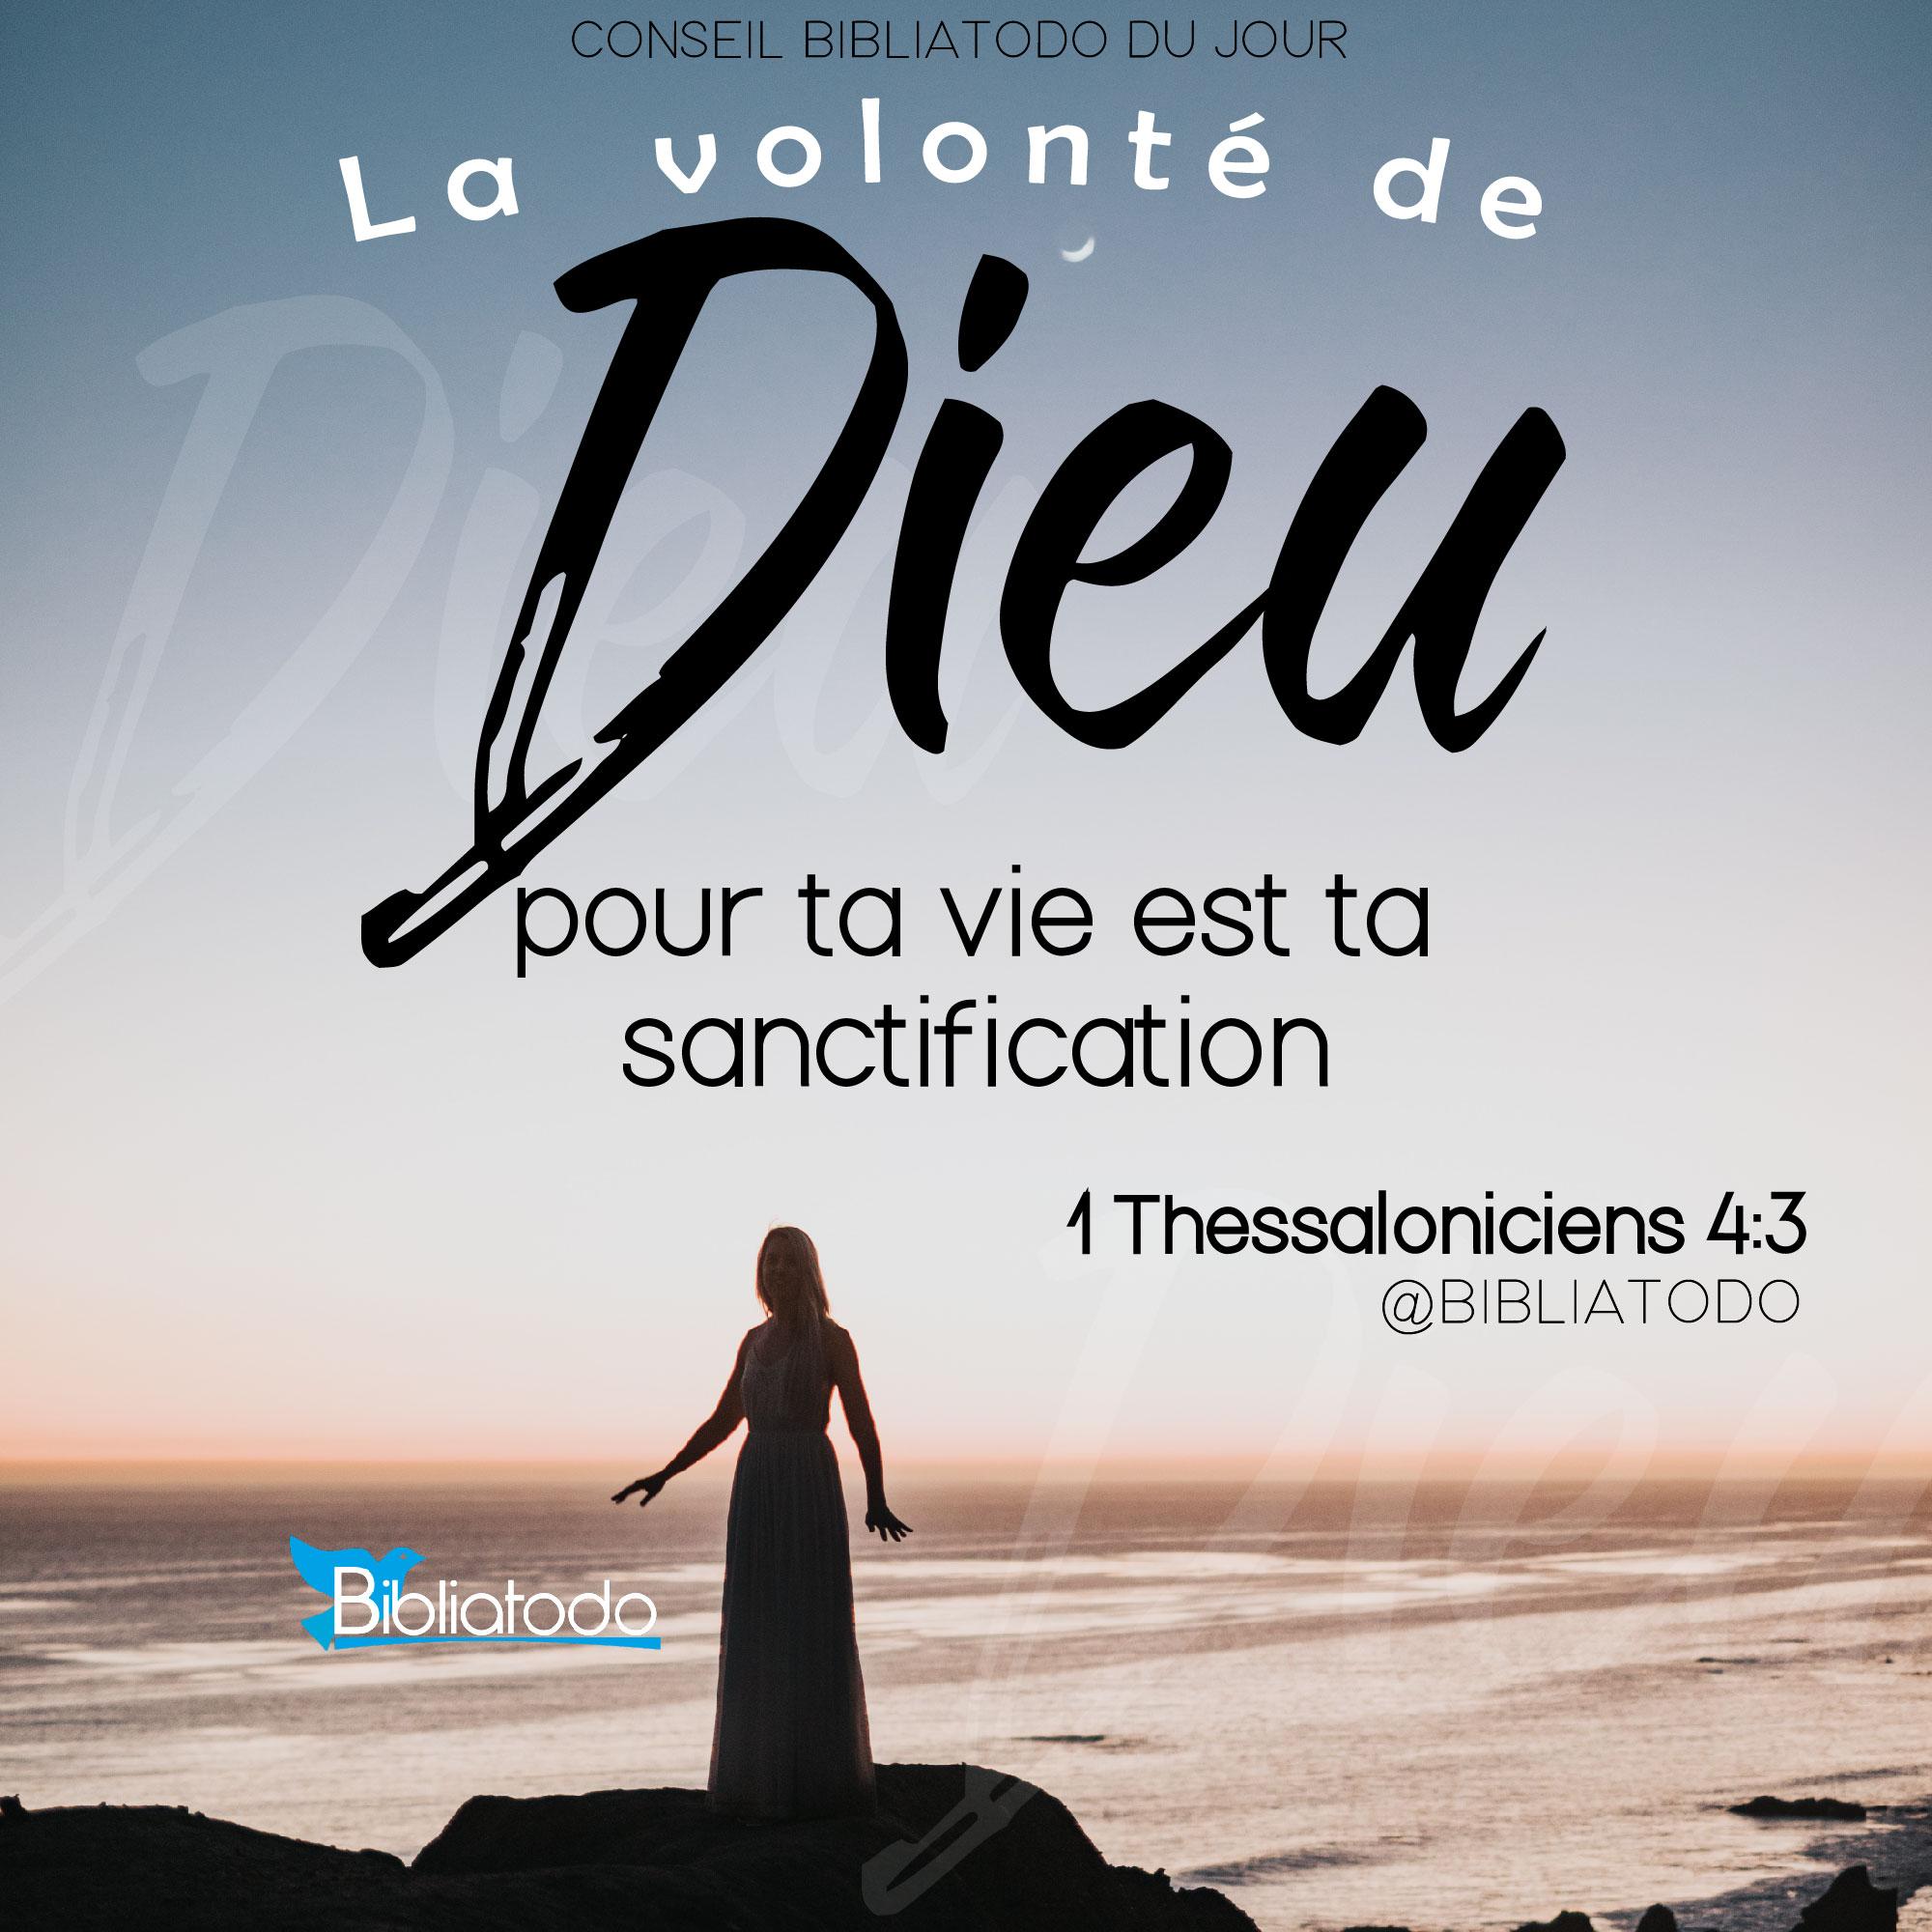 fr-con-554-La-volonté-de-Dieu-pour-ta-vie-est-ta-sanctification-en-Lui